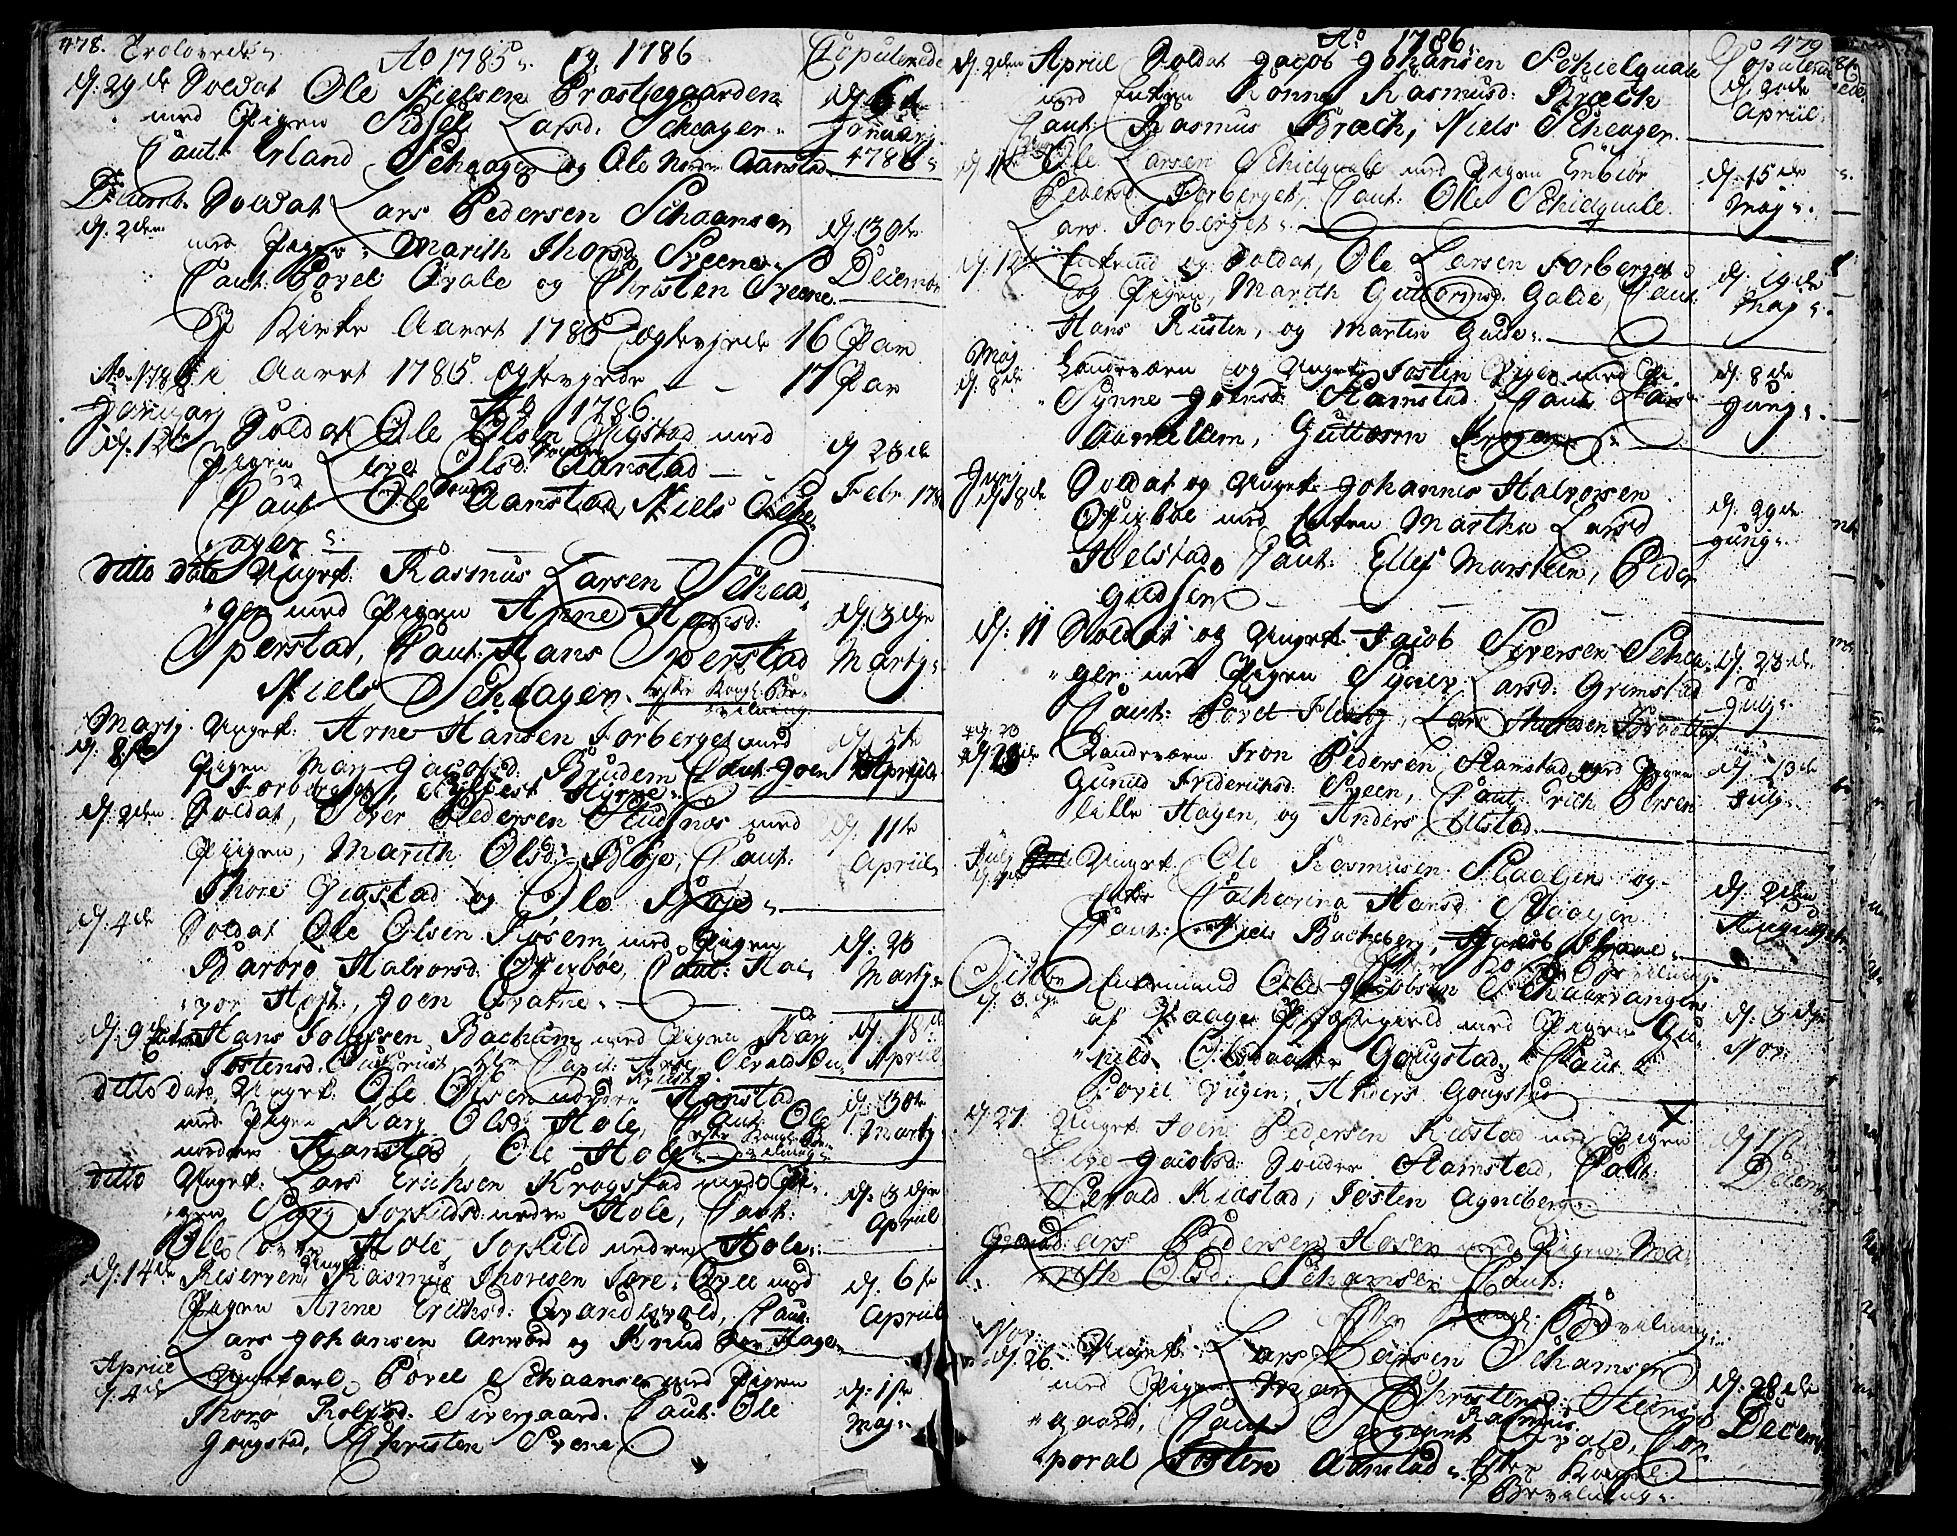 SAH, Lom prestekontor, K/L0002: Ministerialbok nr. 2, 1749-1801, s. 478-479